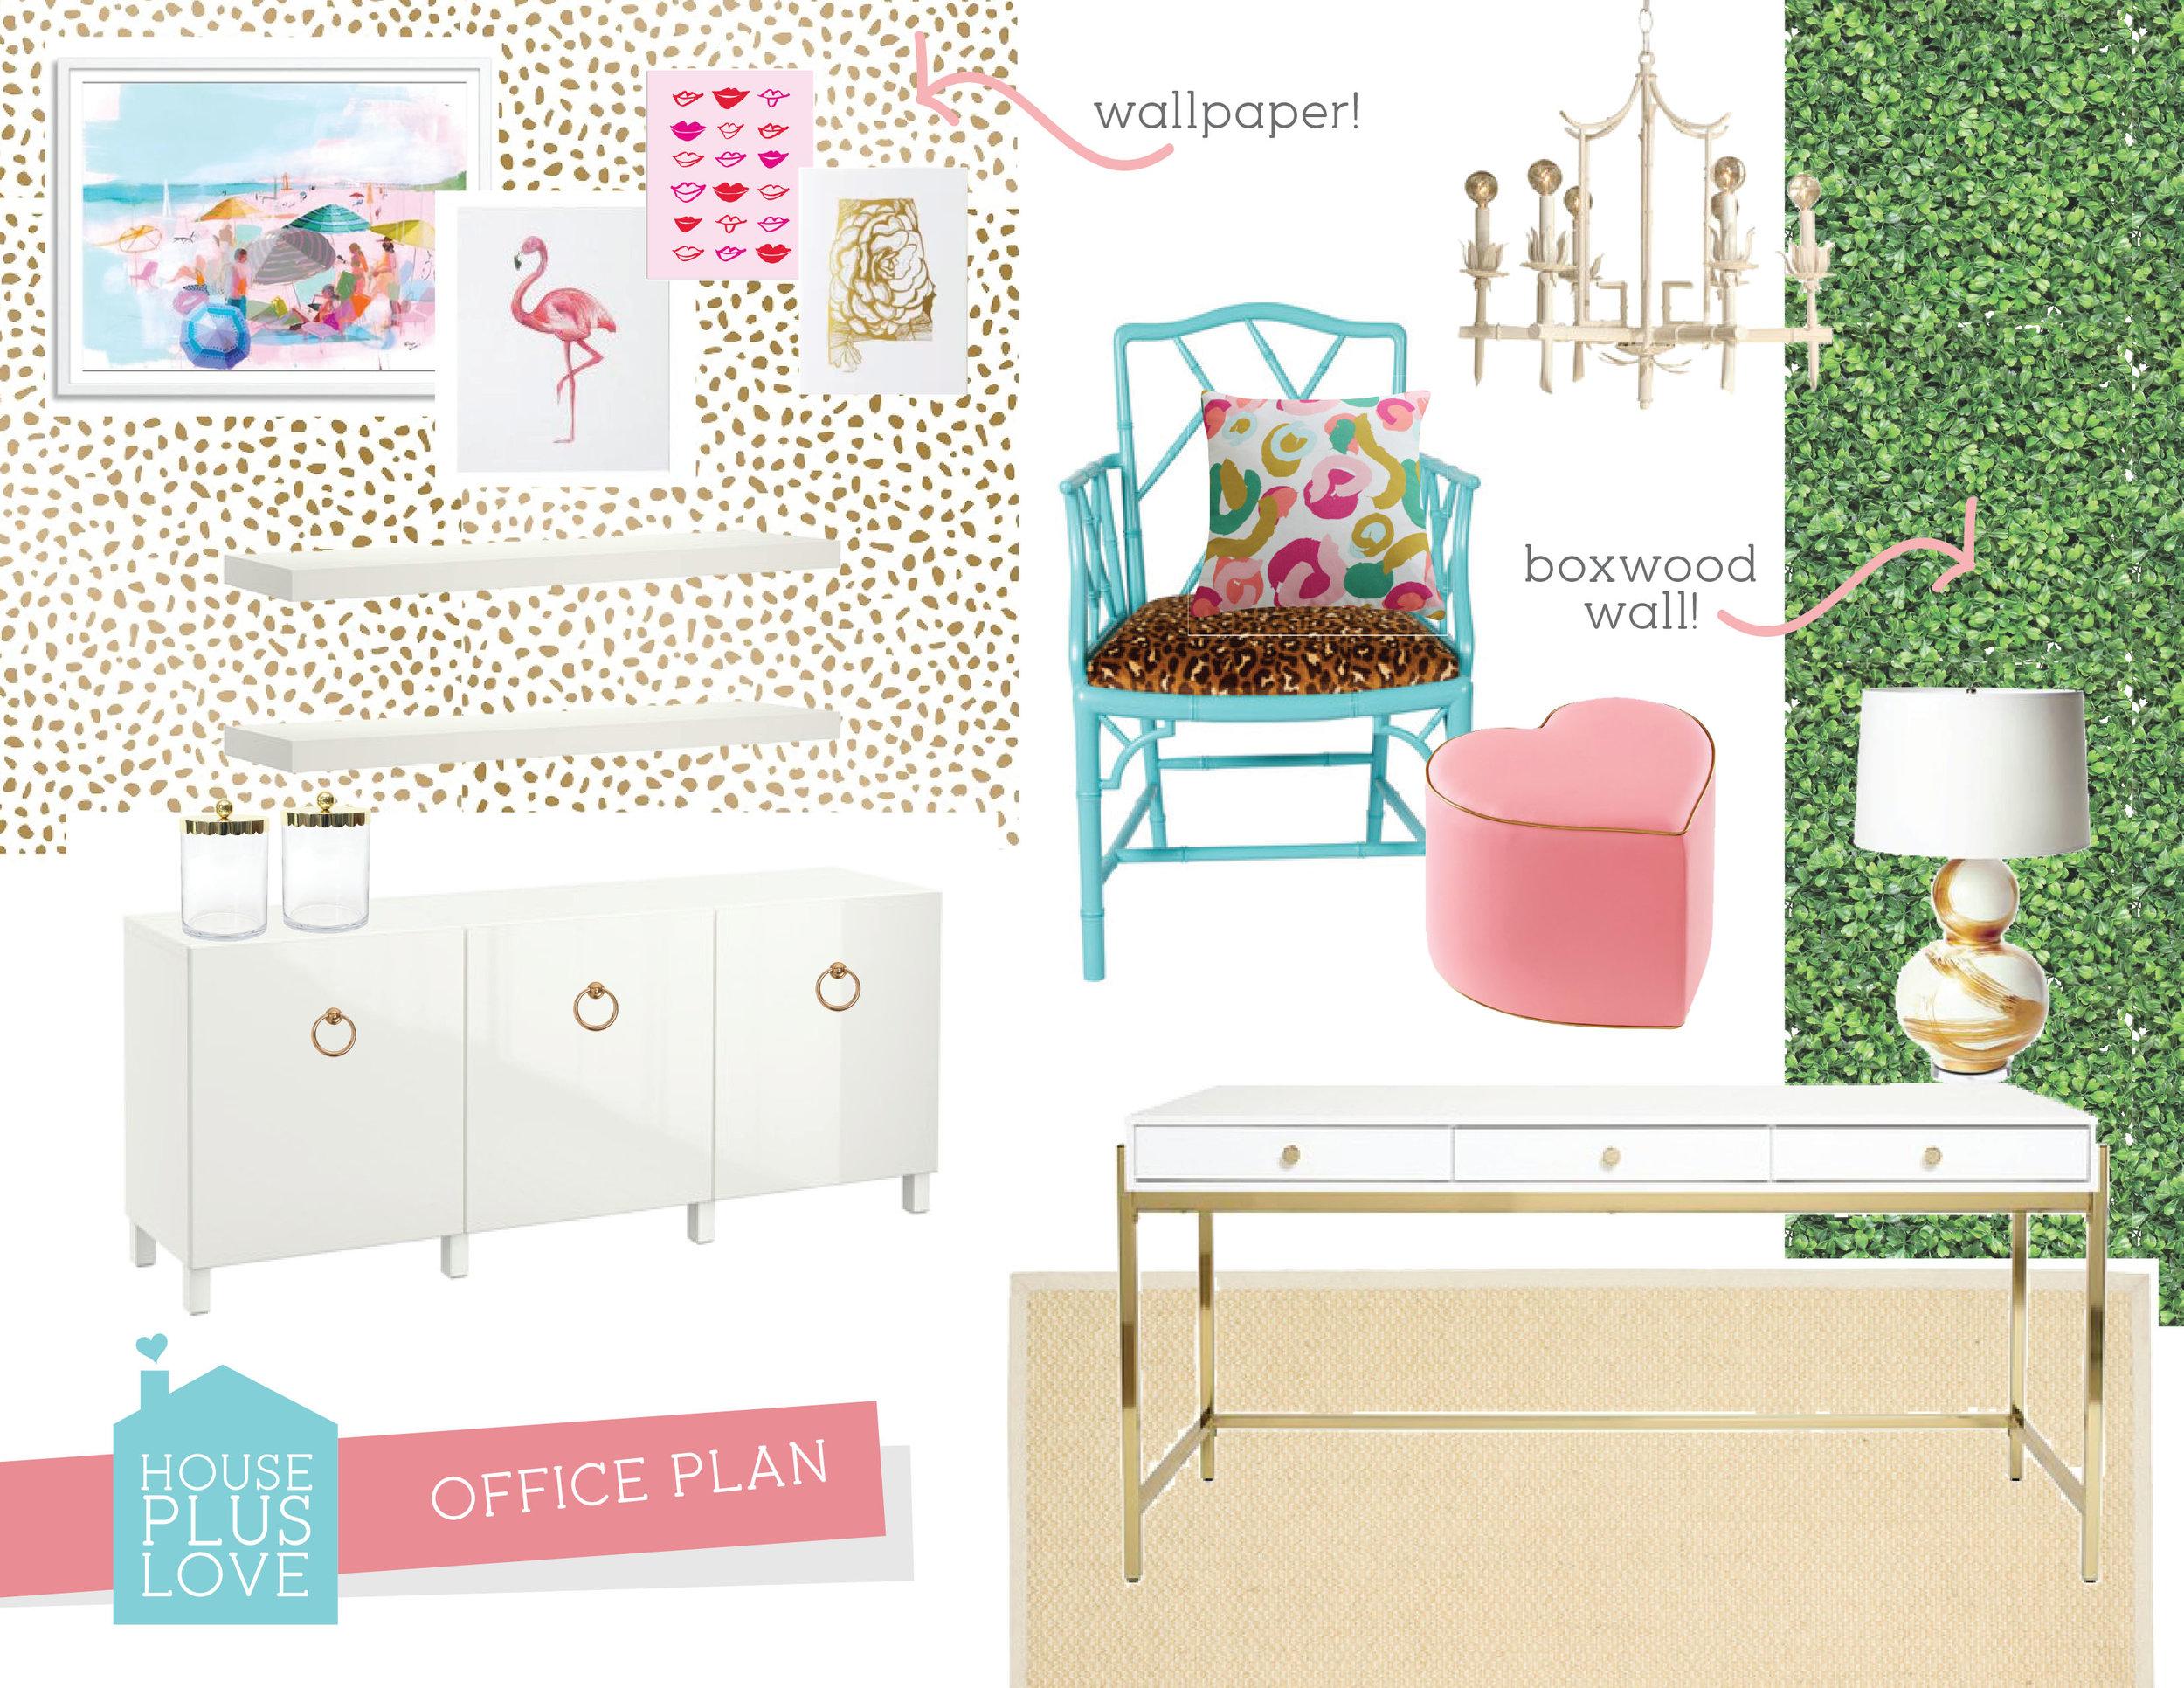 House Plus Love ORC design plan